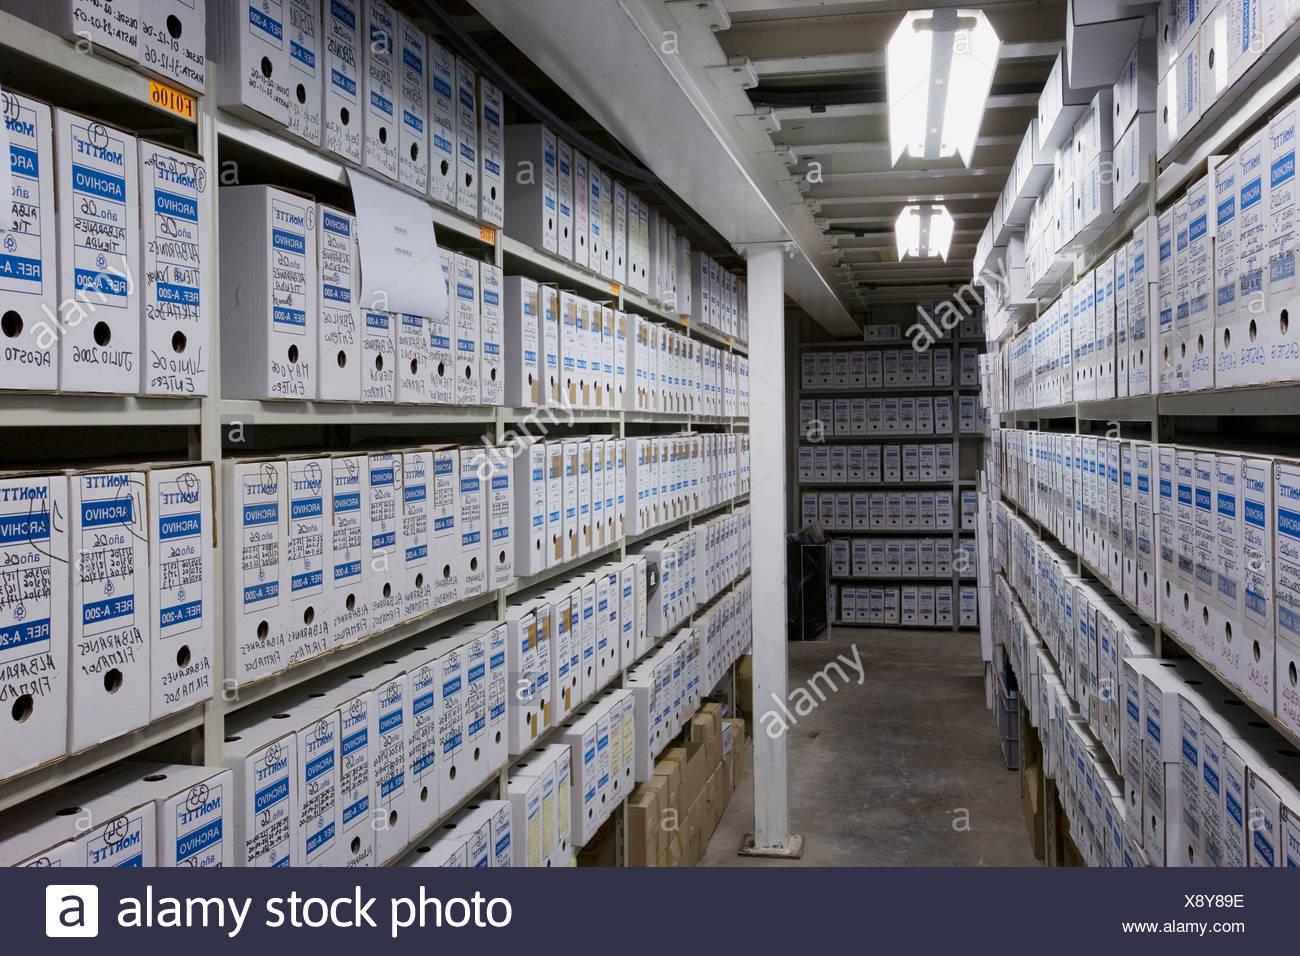 Camera File, archivio. Guipuzcoa, Euskadi, Spagna Immagini Stock